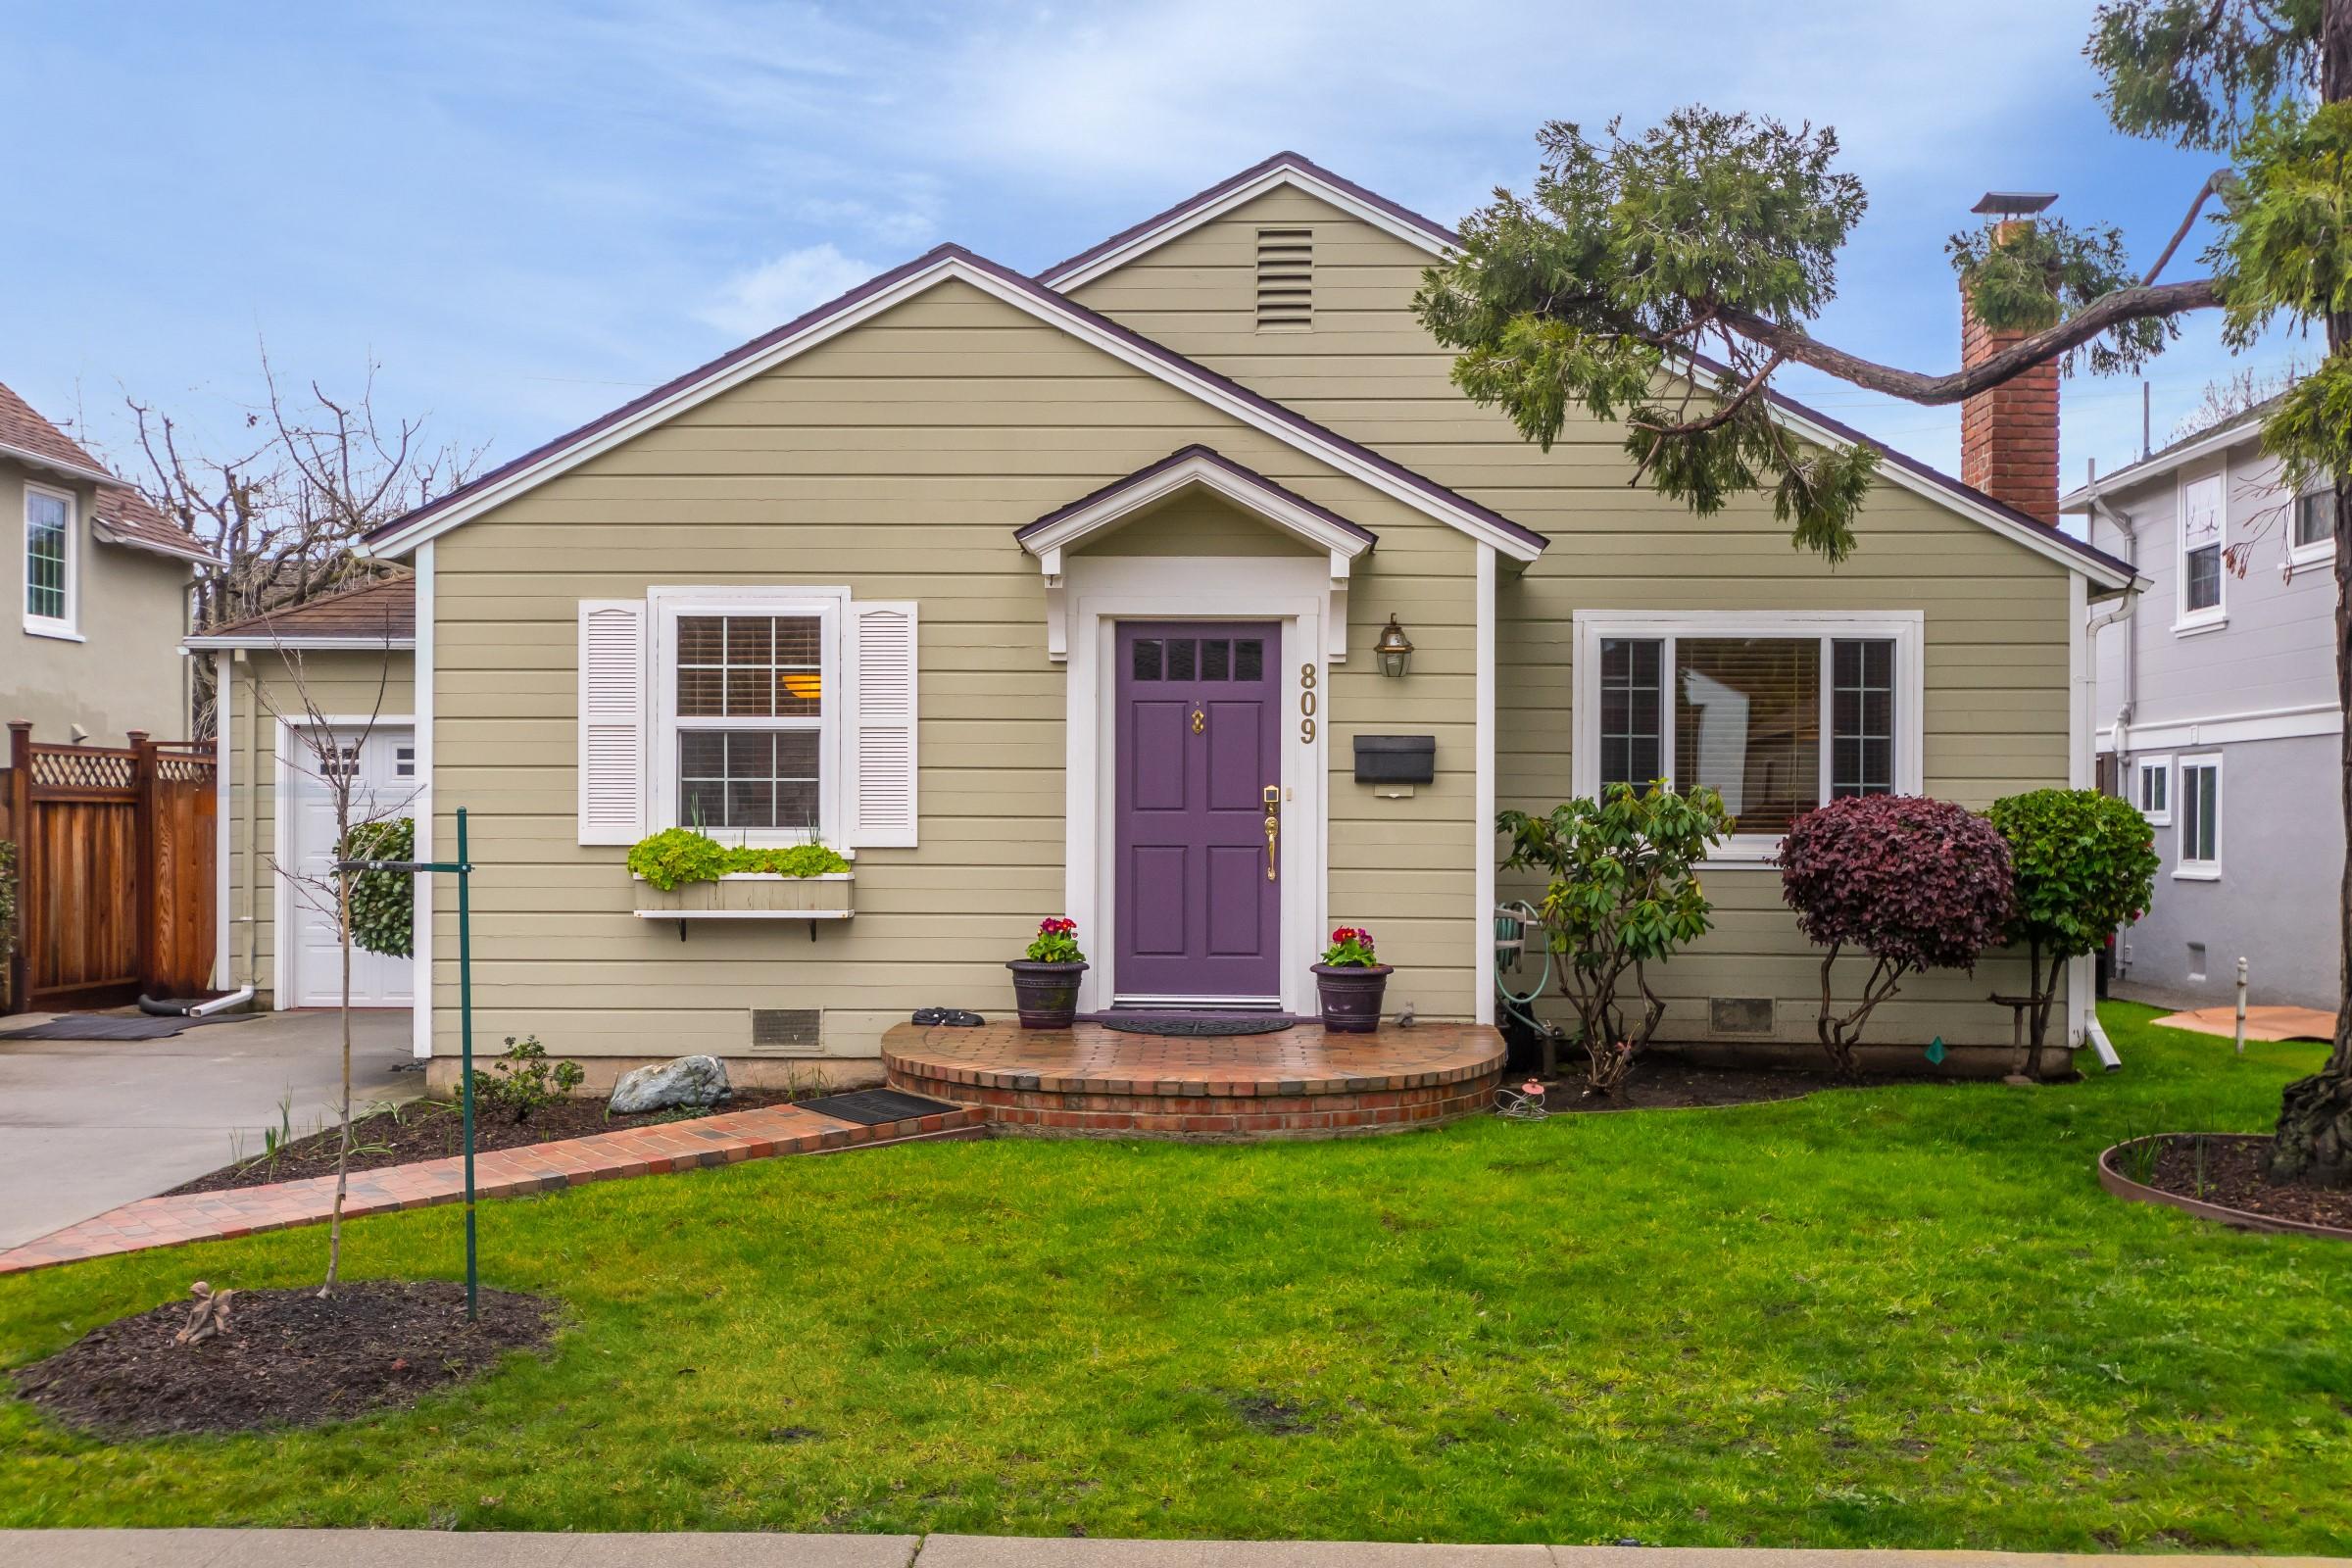 809 W Grant Pl, San Mateo, CA 94402